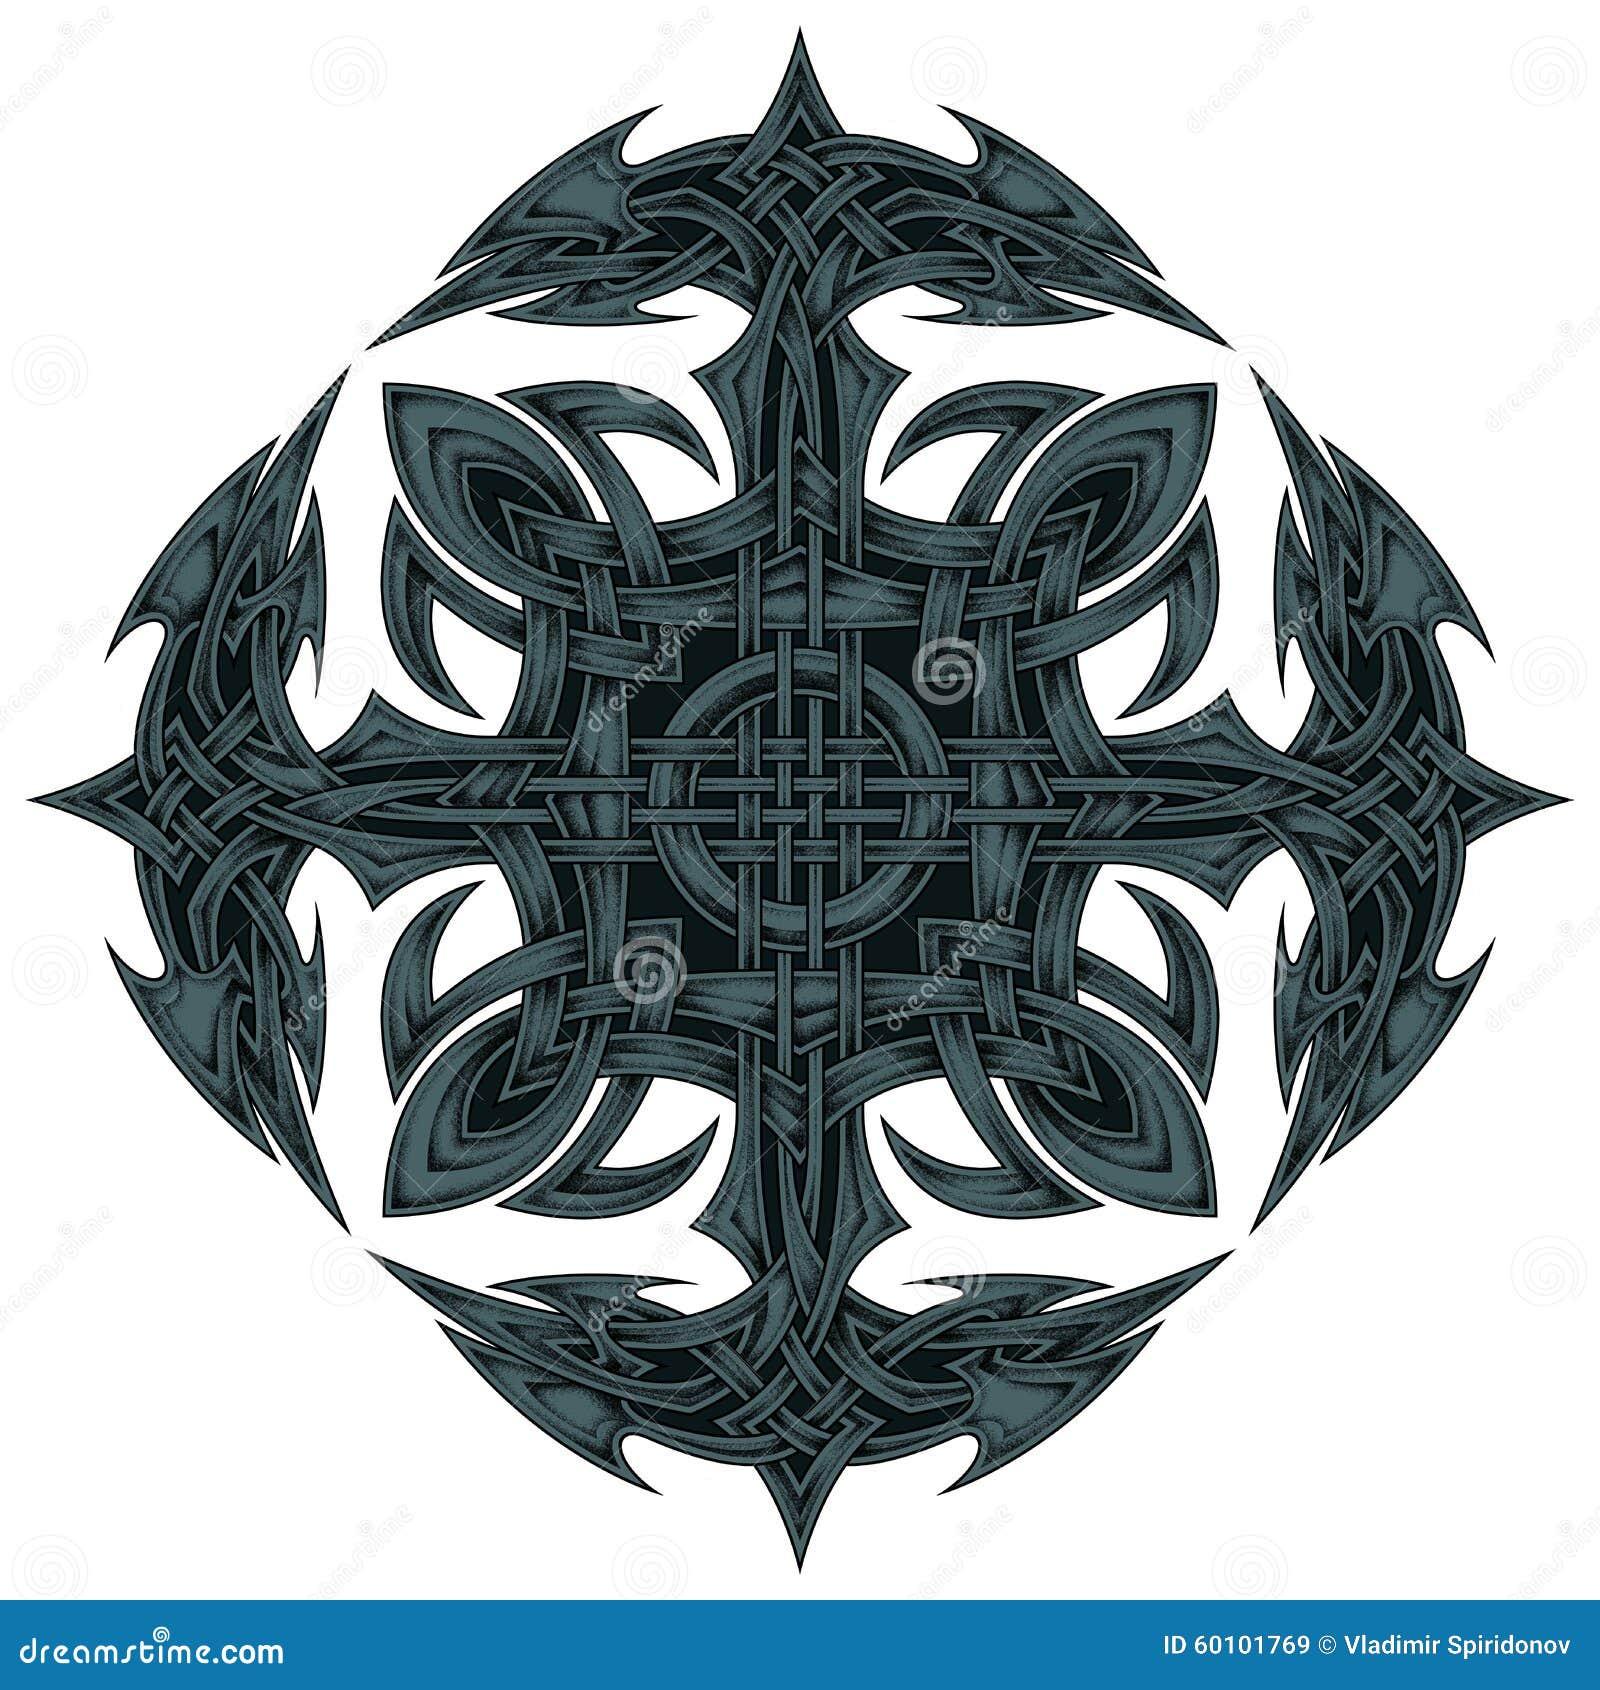 以海锚的形式相称样式在十字架收集了.